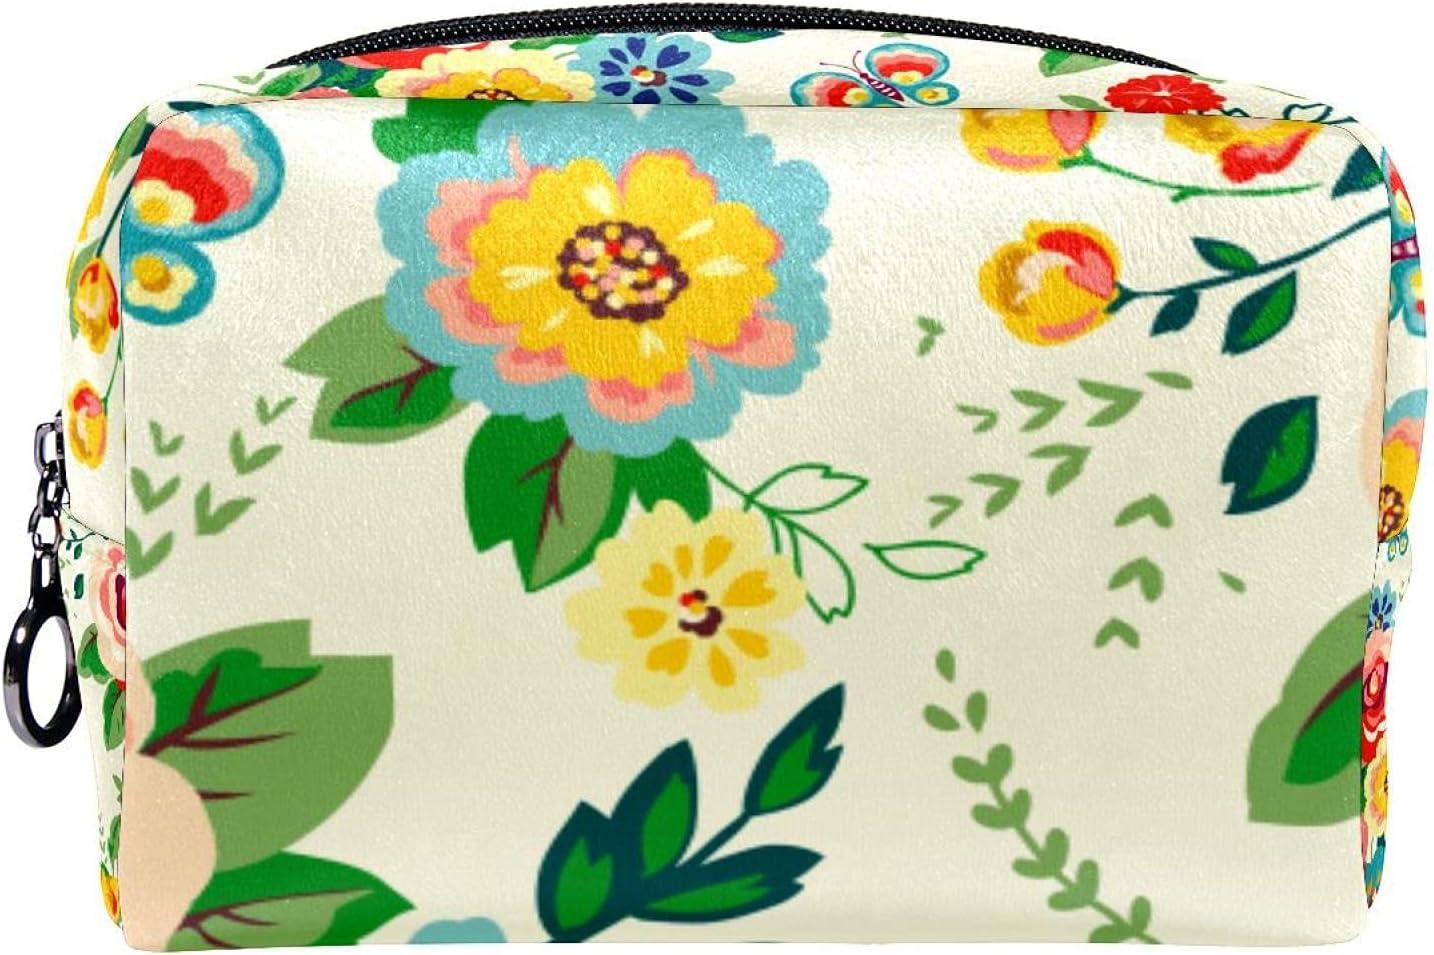 Cosmetic Bag Zipper Closure hawaiian Max 62% OFF Department store Makeup tropical floral